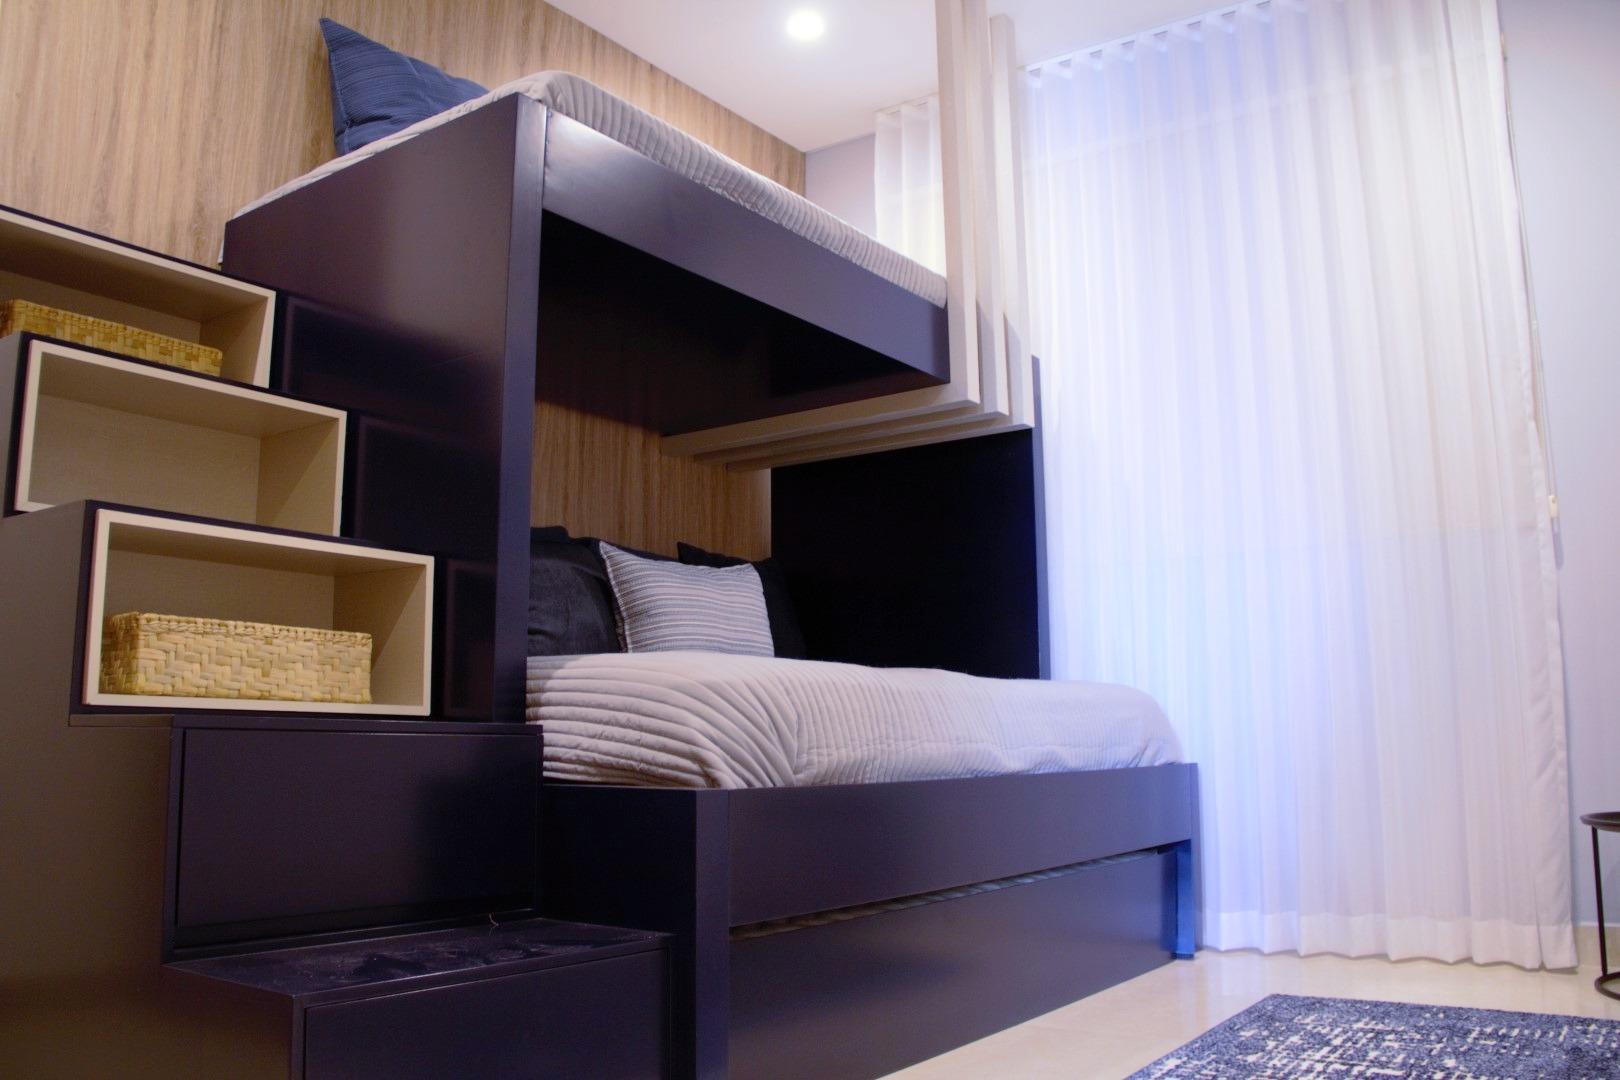 Bunk-beds in second bedroom.